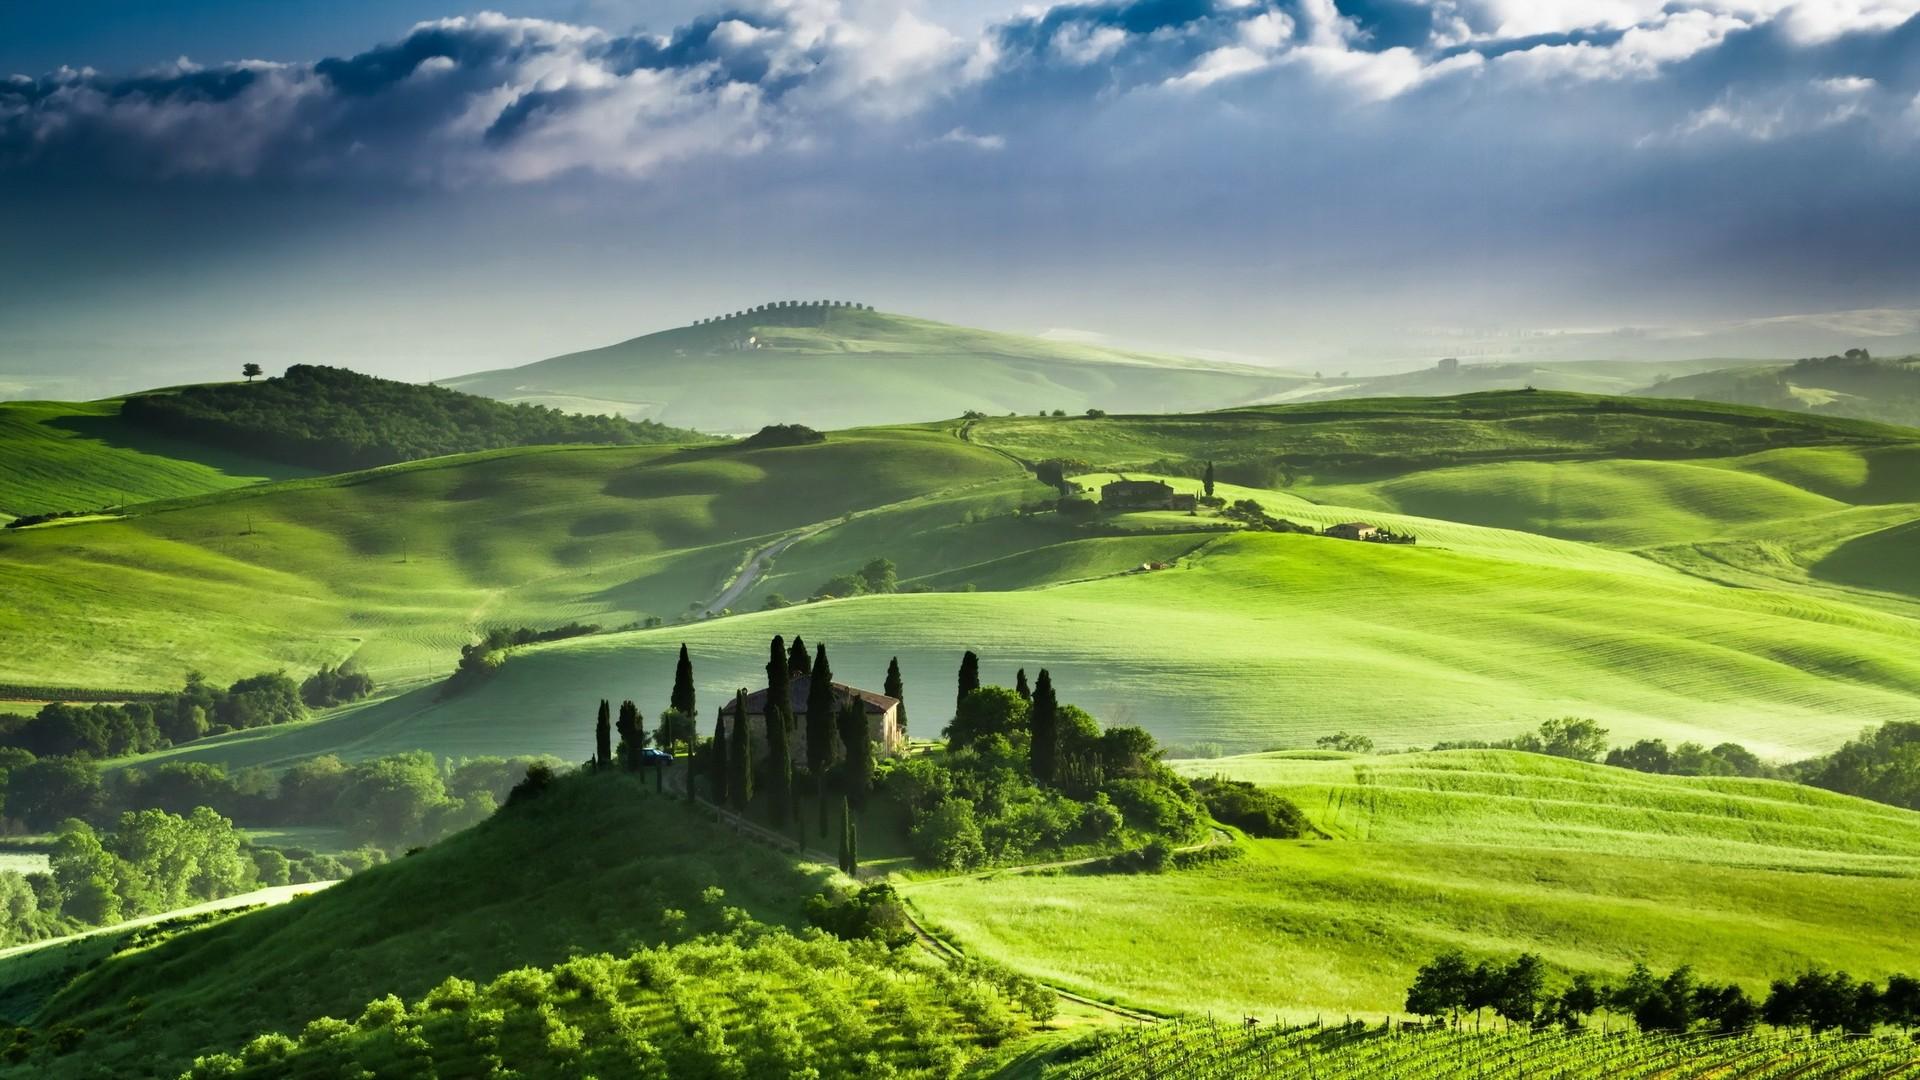 Tuscany Italy 1920x1080